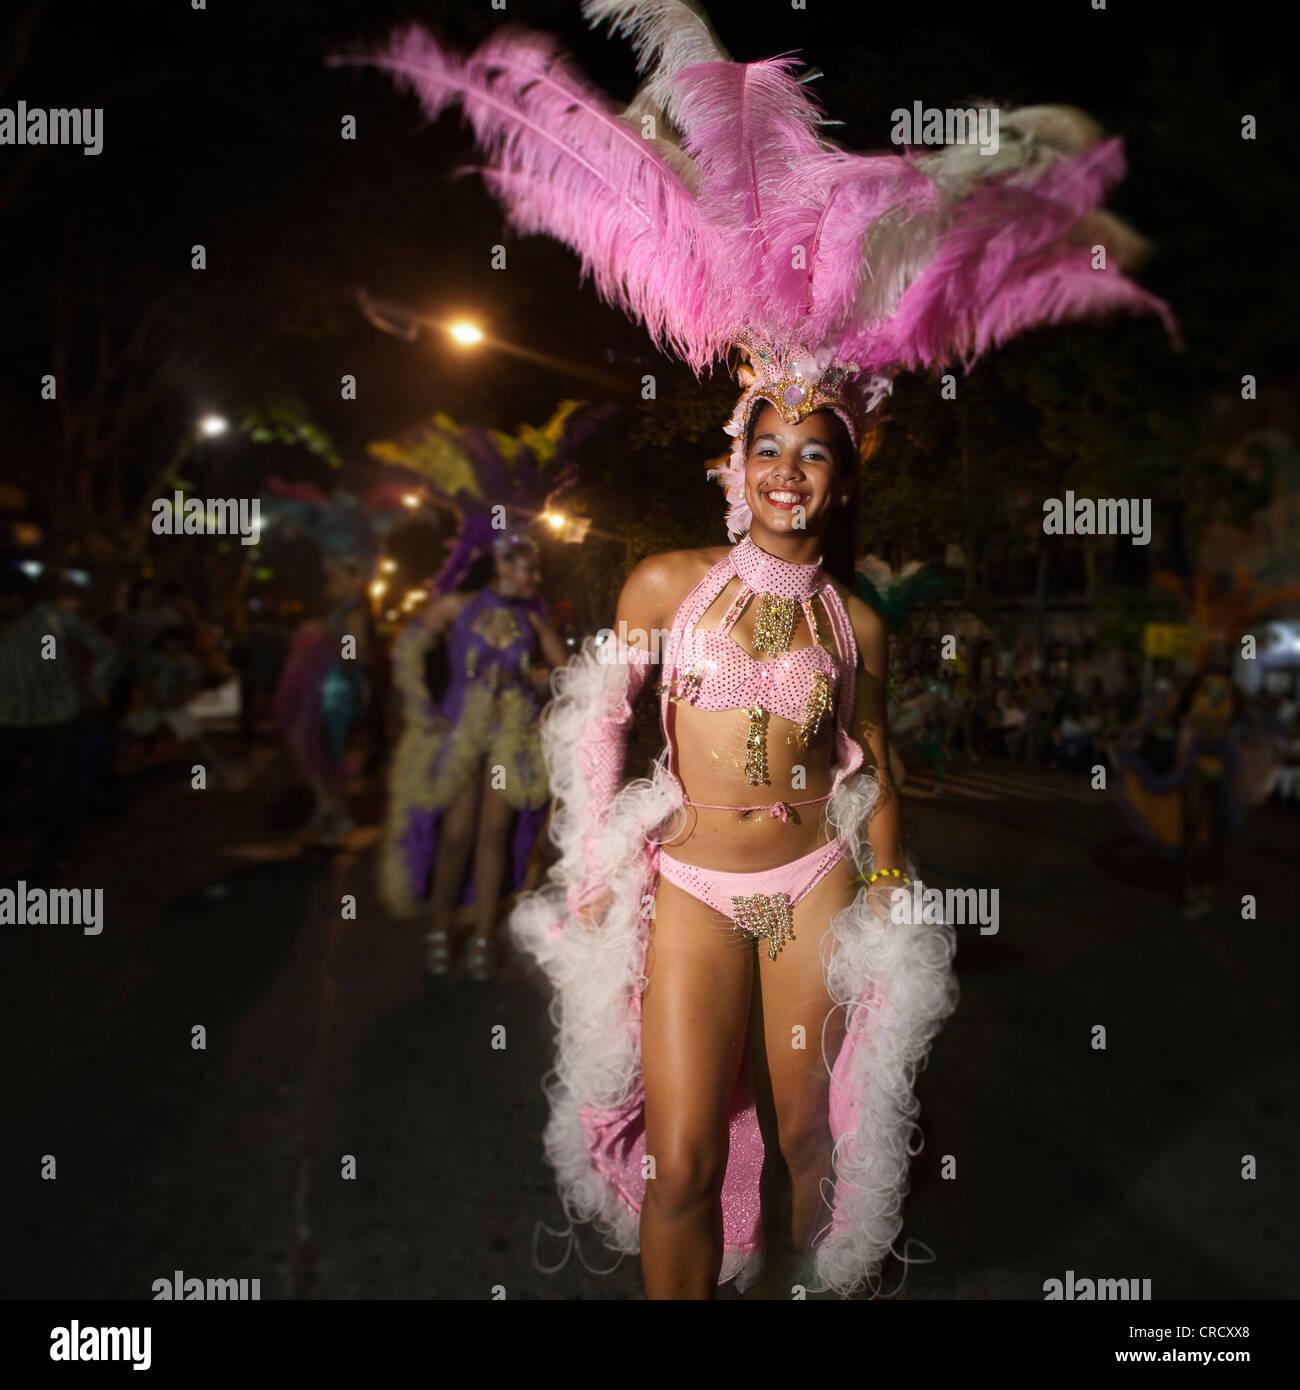 Desfile de llamadas durante las celebraciones de carnaval en Colonia del Sacramento, Uruguay. Imagen De Stock